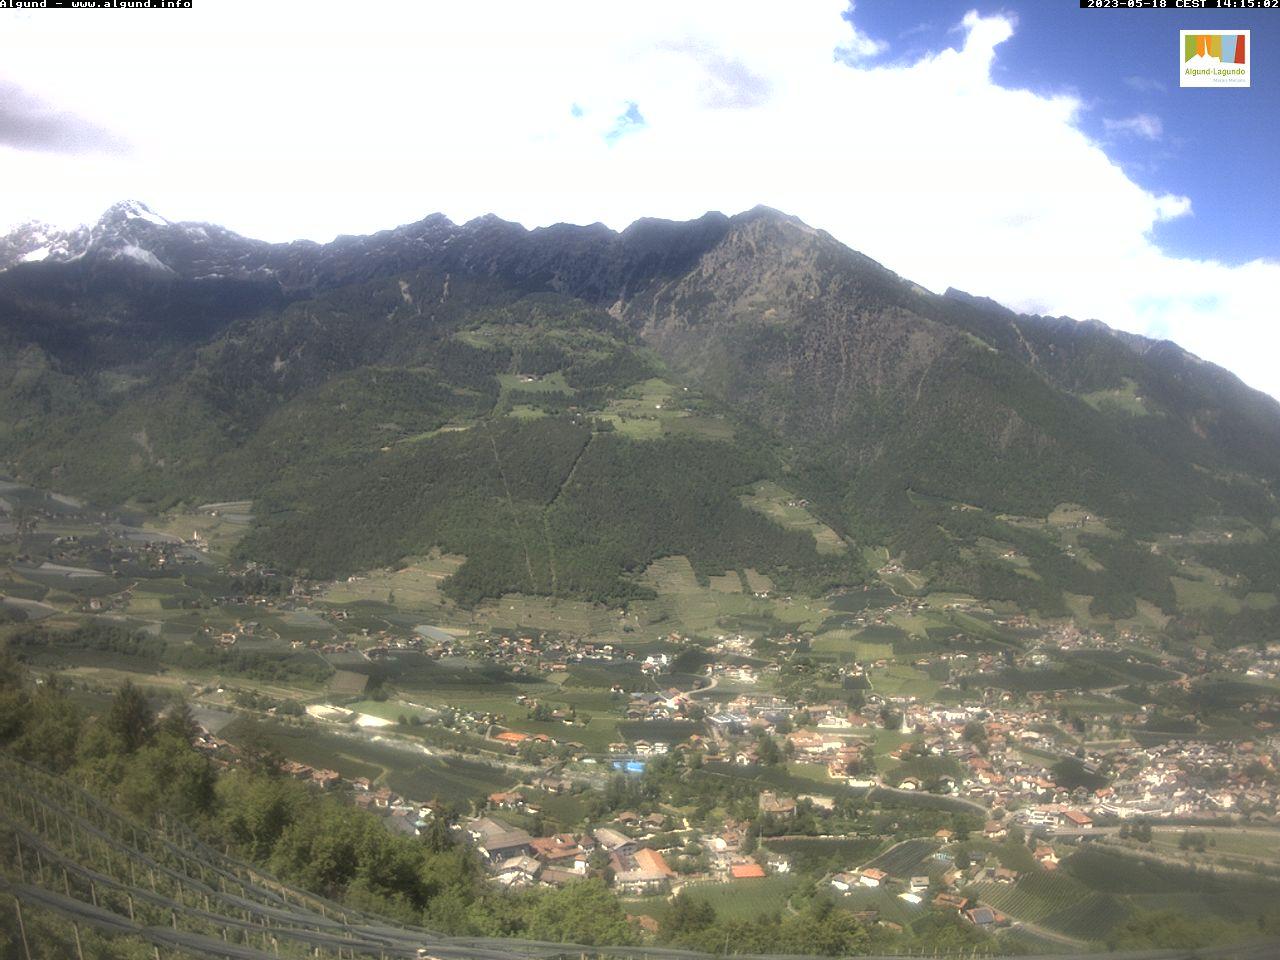 Webcam mit Blick Richtung Algund